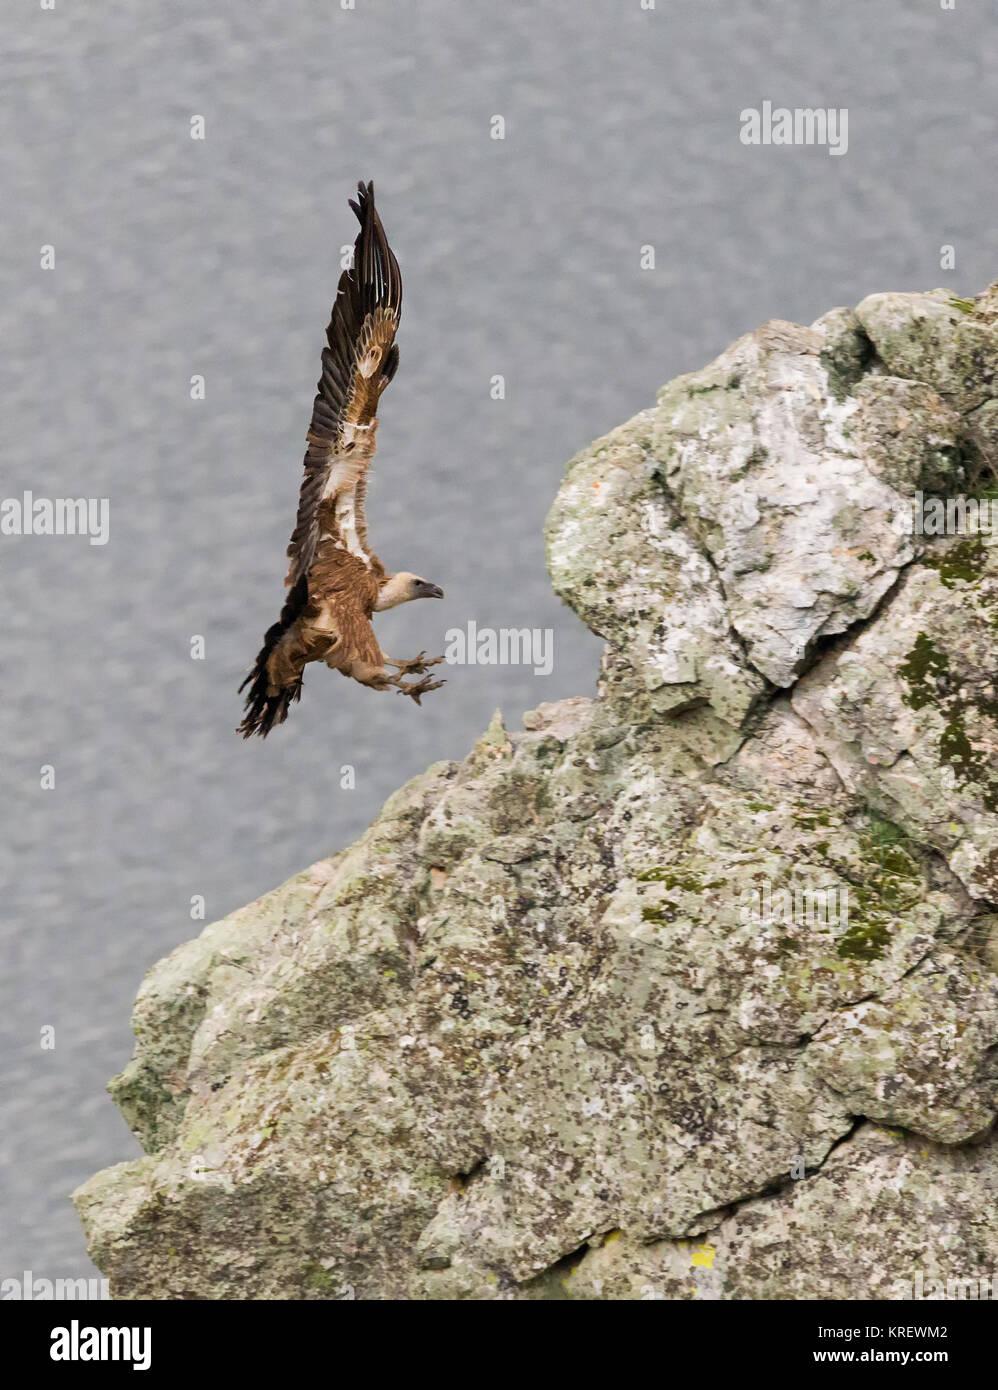 Avvoltoio grifone . Fotografato presso il Parco Nazionale di Monfragüe. Spagna. Immagini Stock